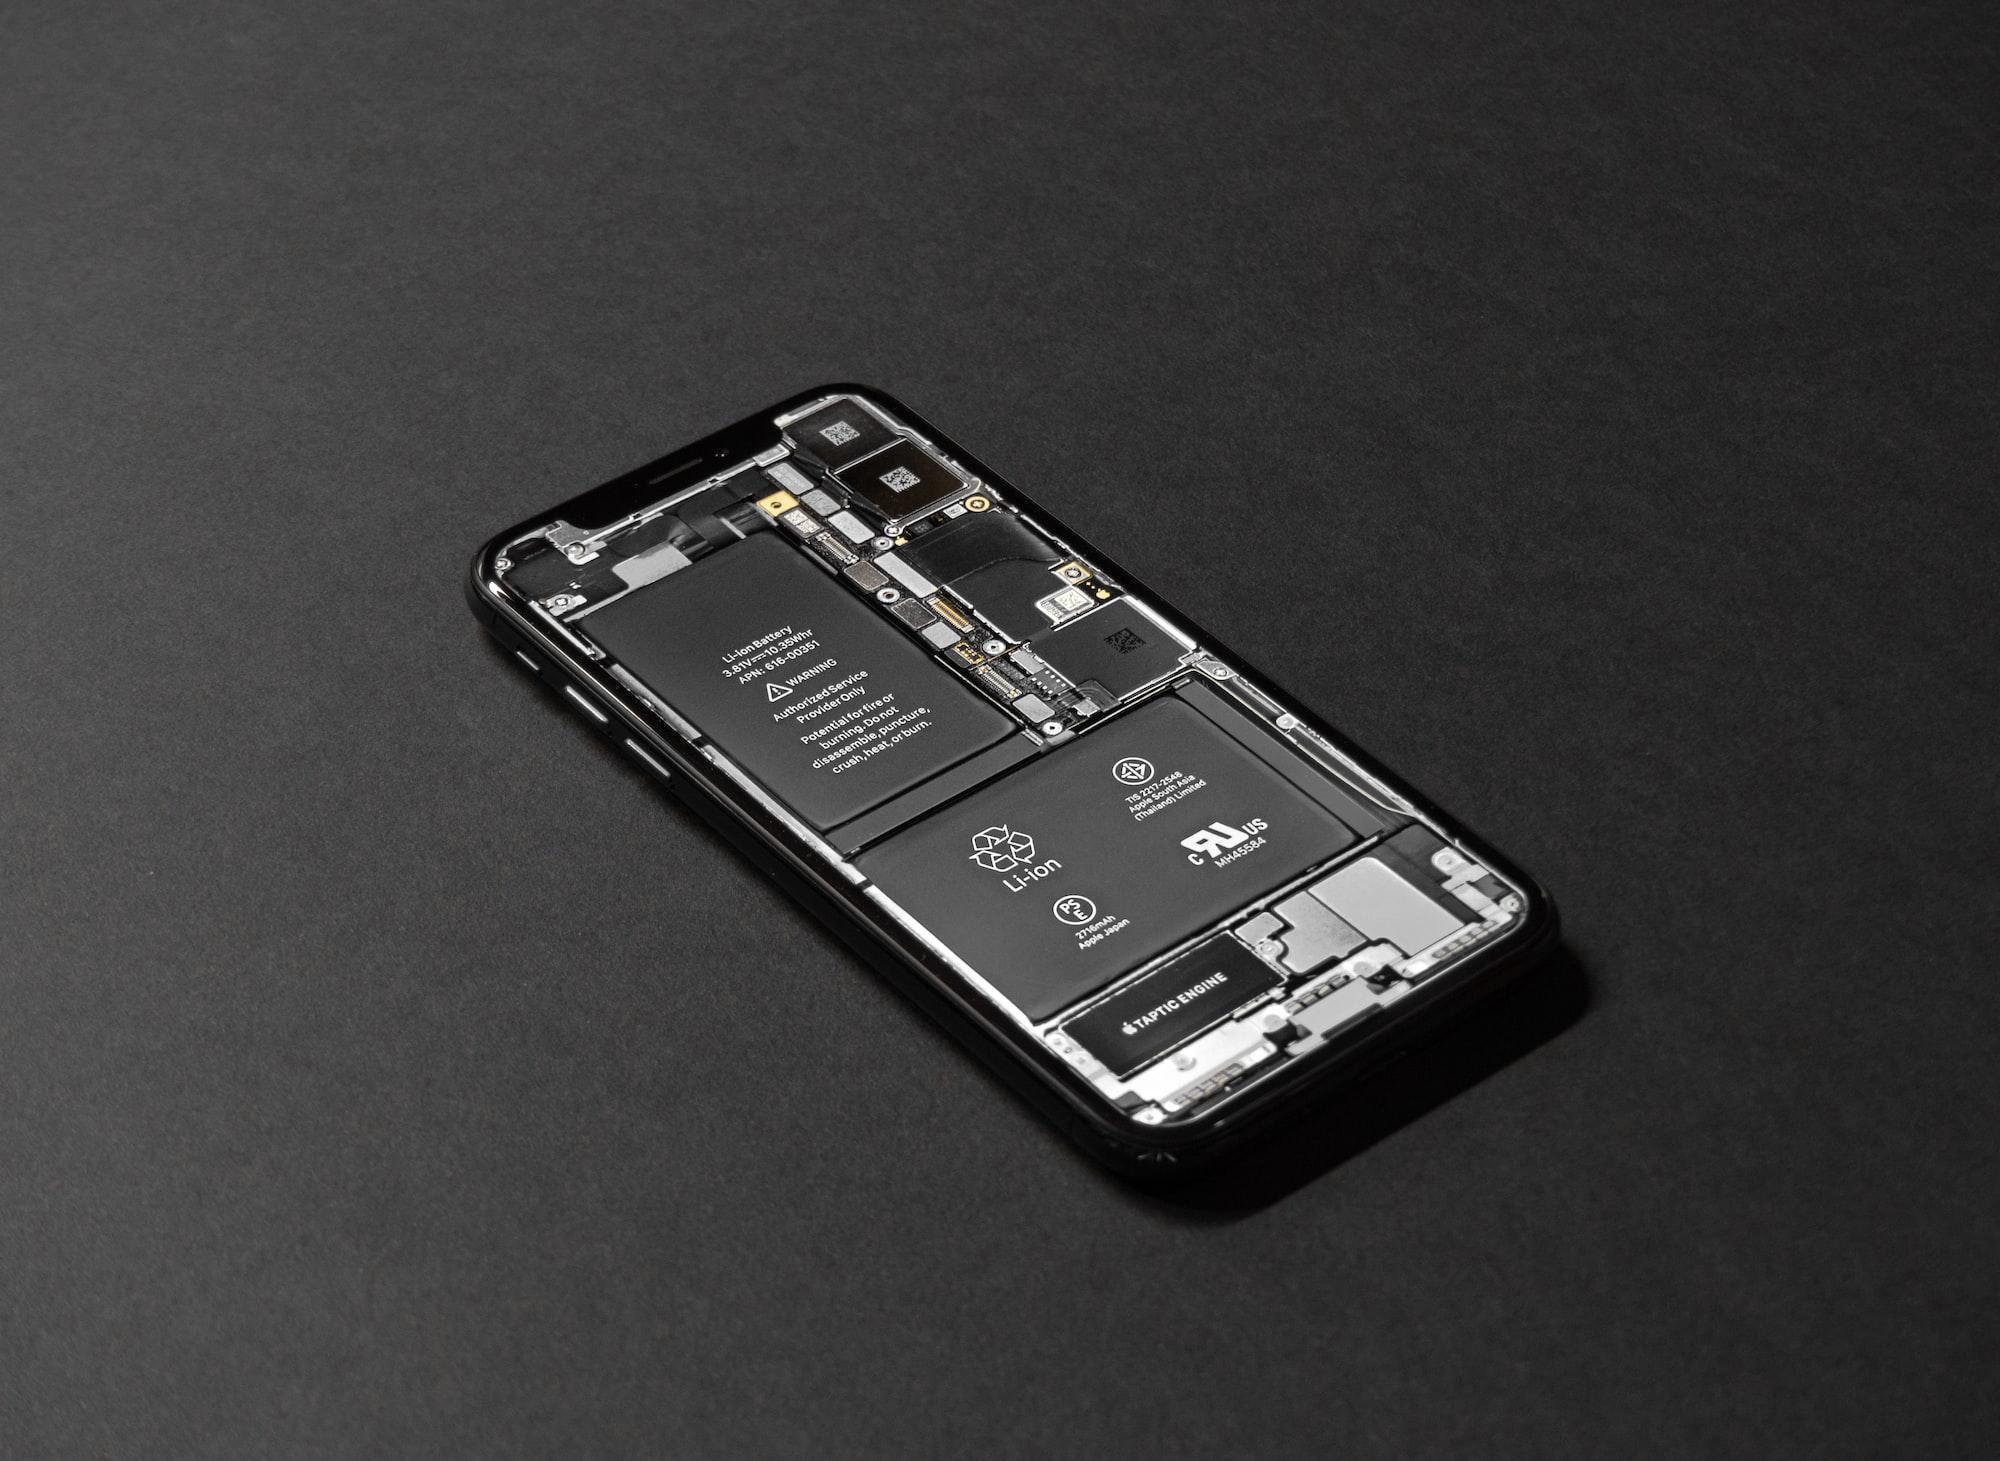 Episode 19: Hvad der sker på din iPhone, bliver IKKE på din iPhone